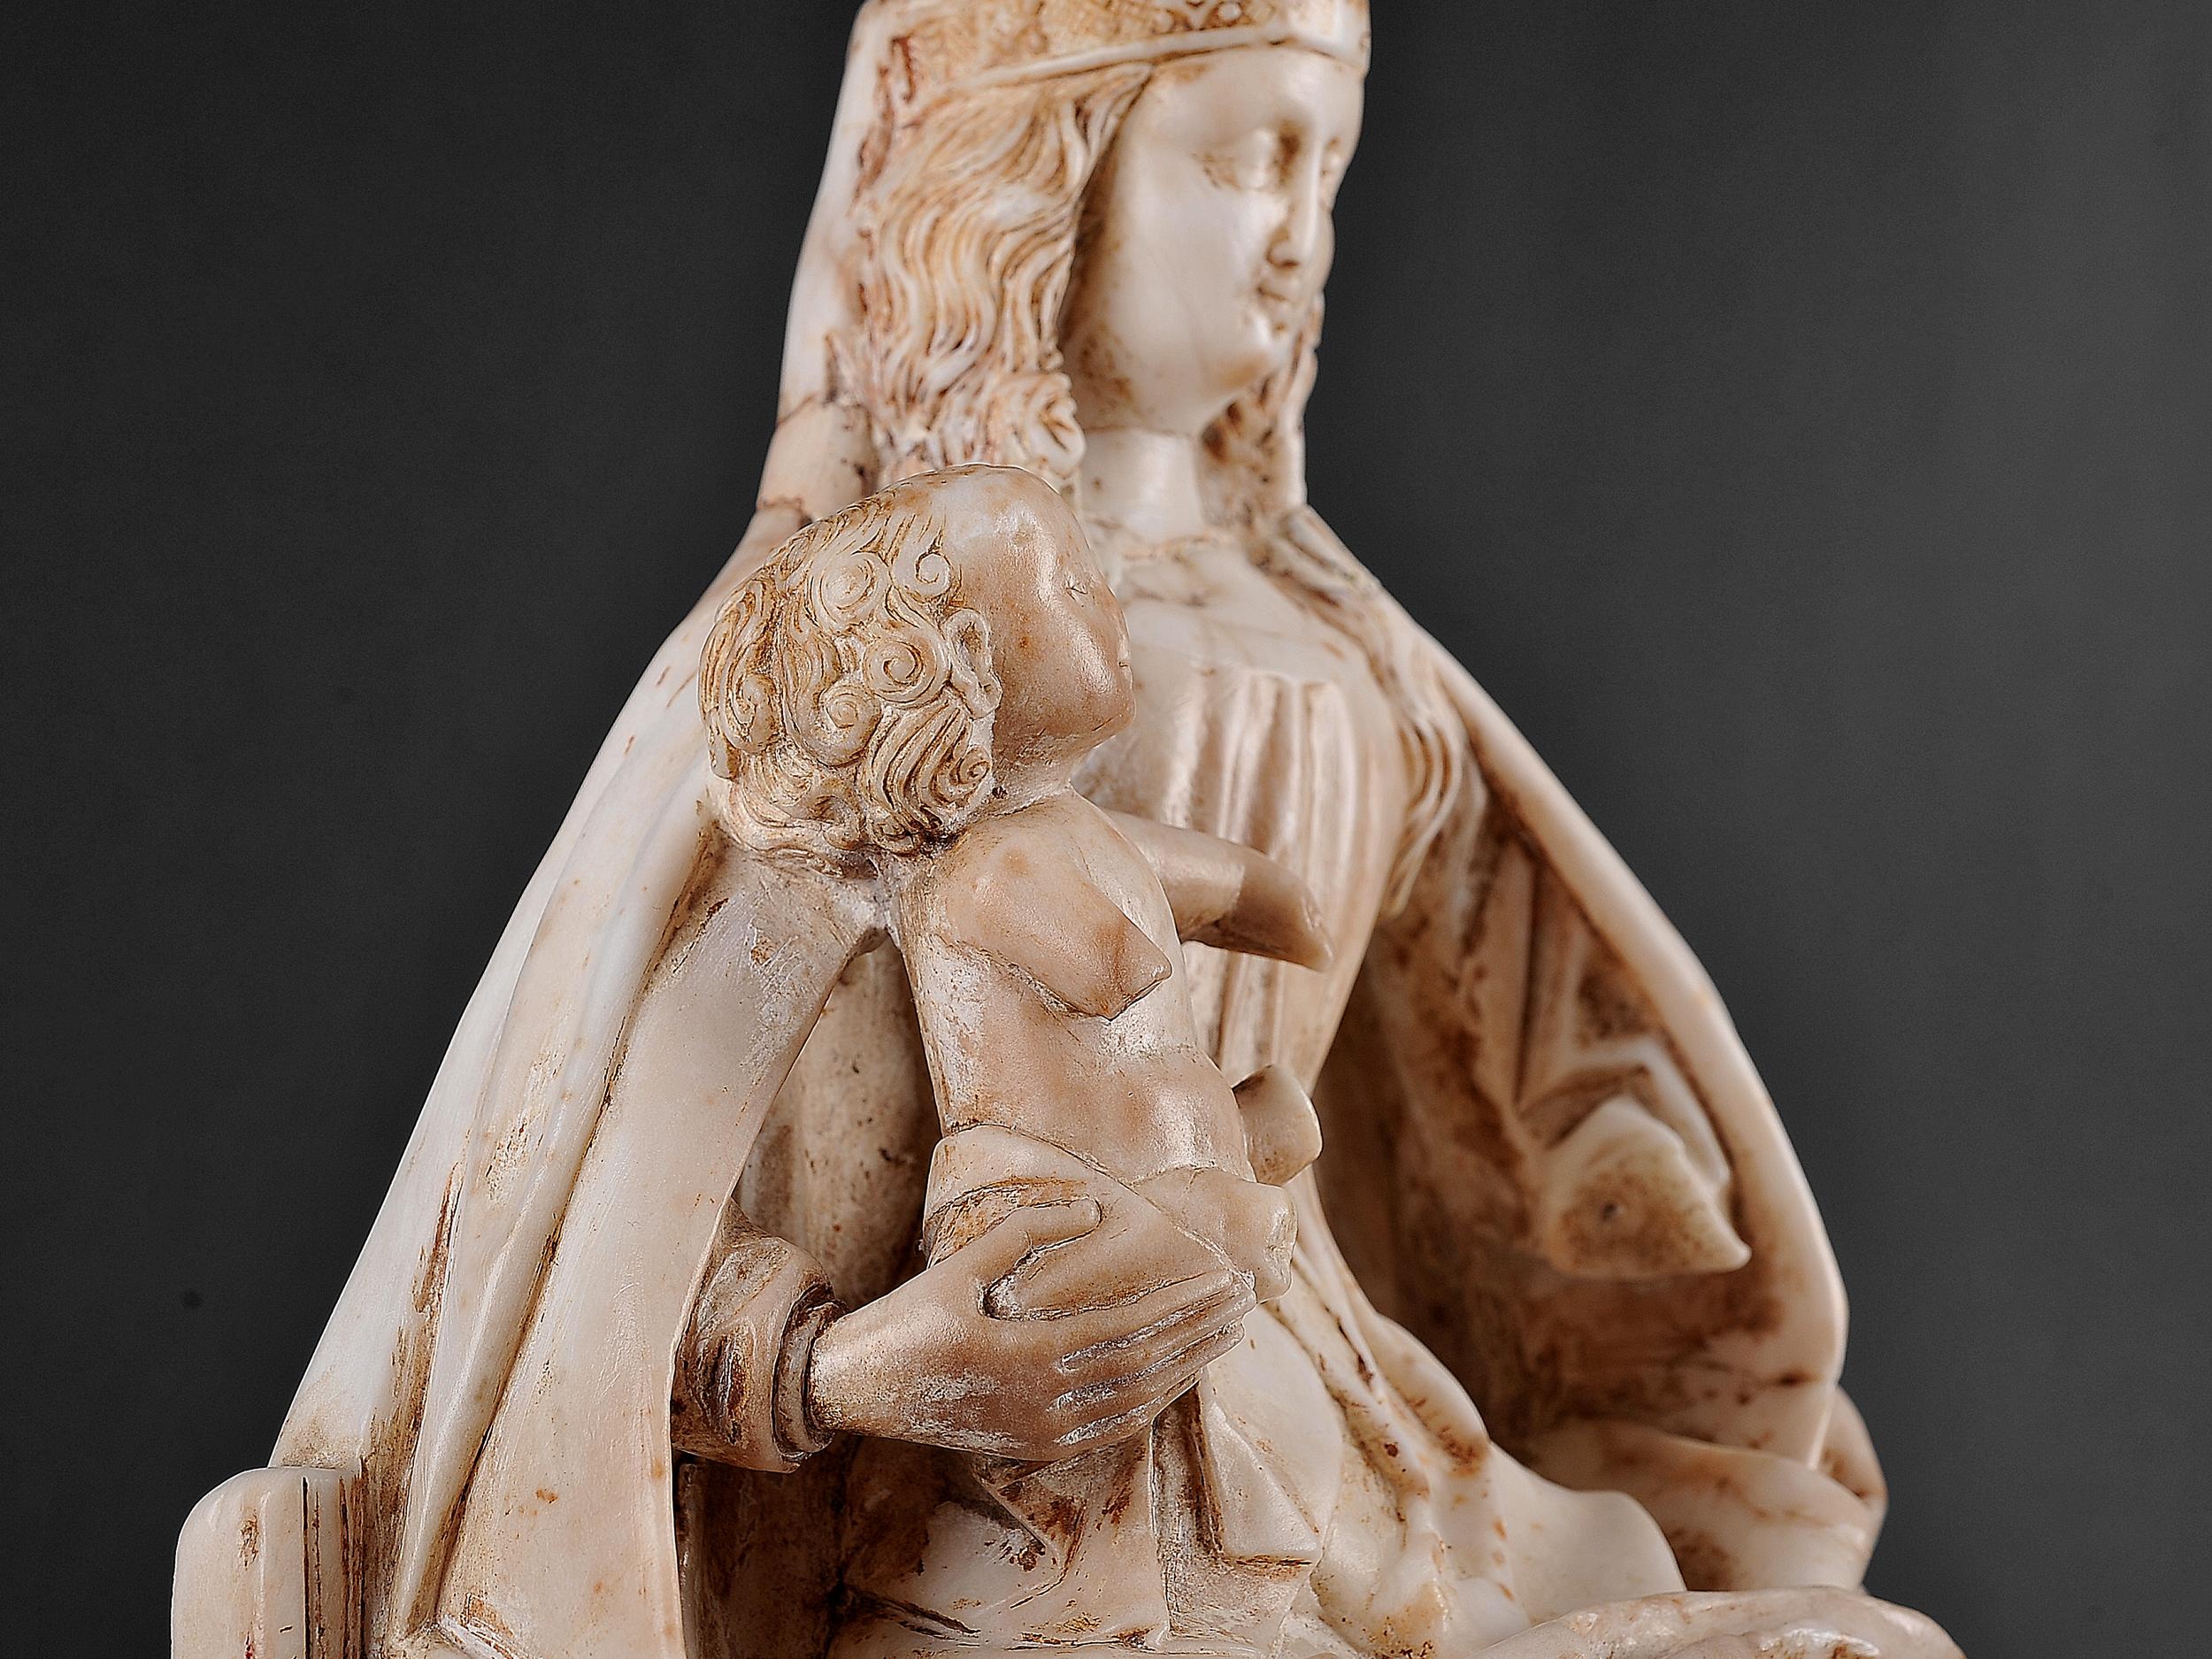 Gil de Siloe, Antwerpen 1440 – 1501 Burgos (und Werkstatt), Sitzende Madonna, um 1485/90 - Image 12 of 25